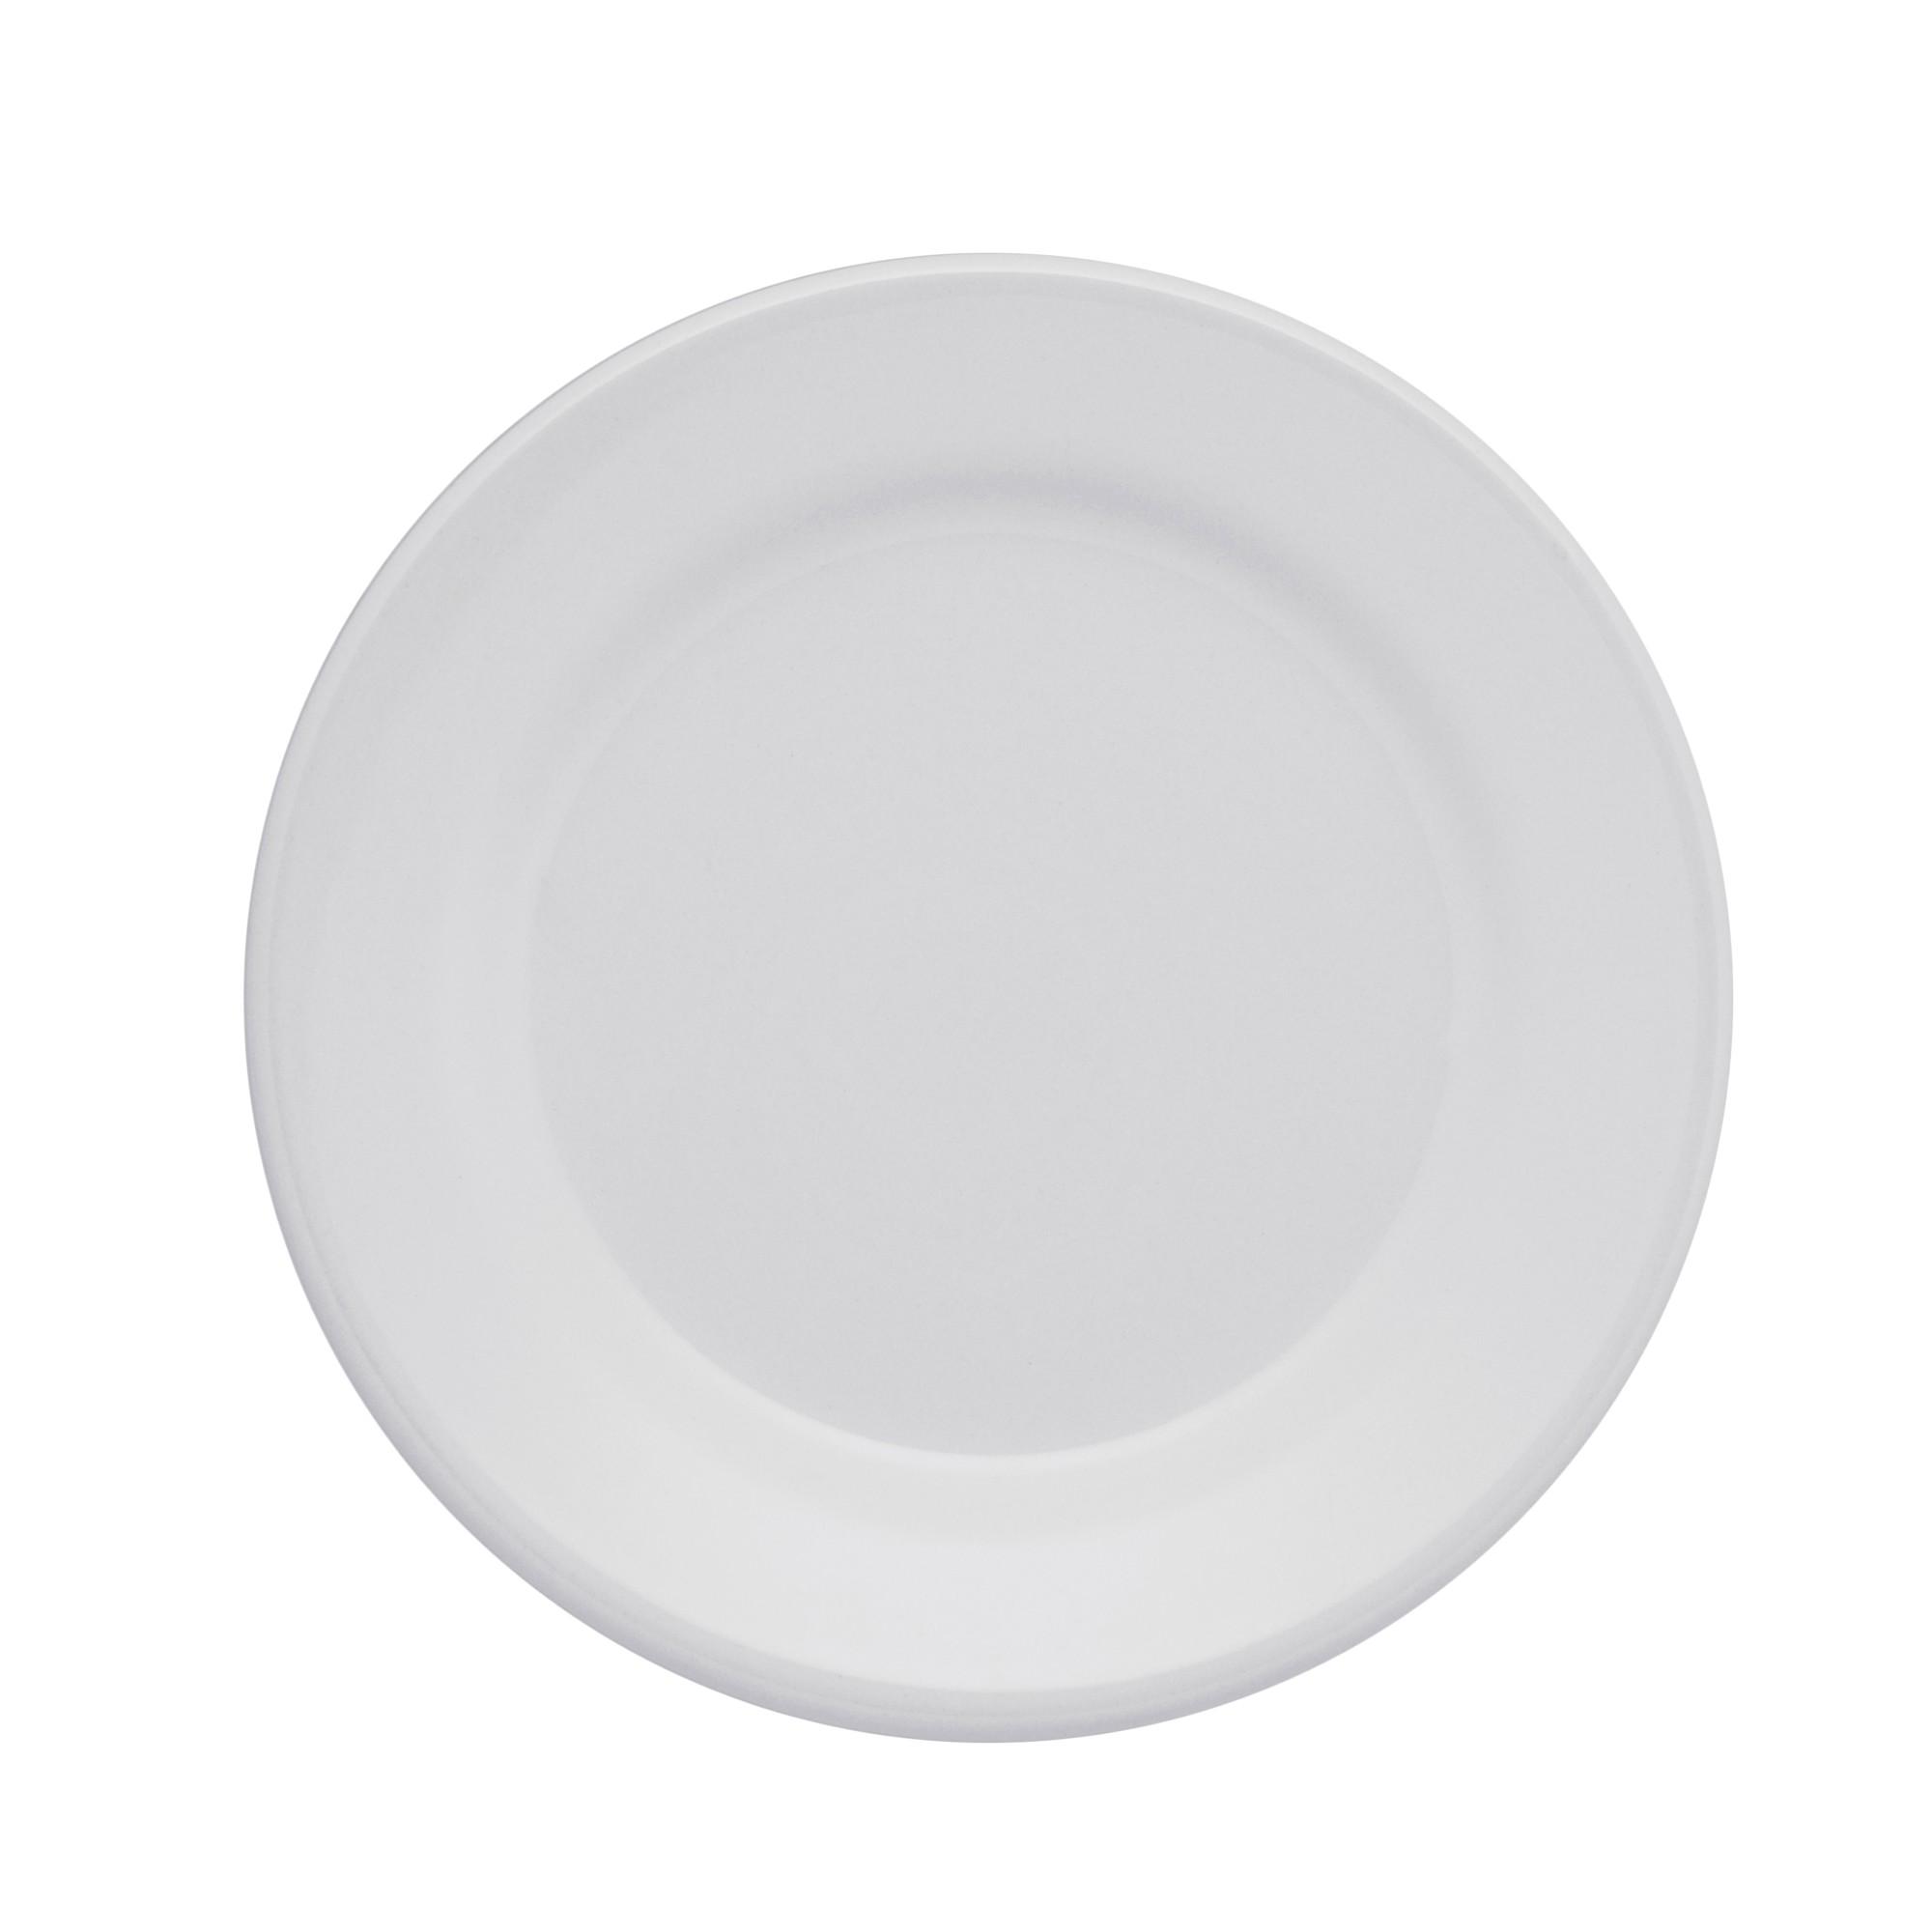 Prato Raso Redondo em Ceramica Vitramik Branco 26cm - Oxford